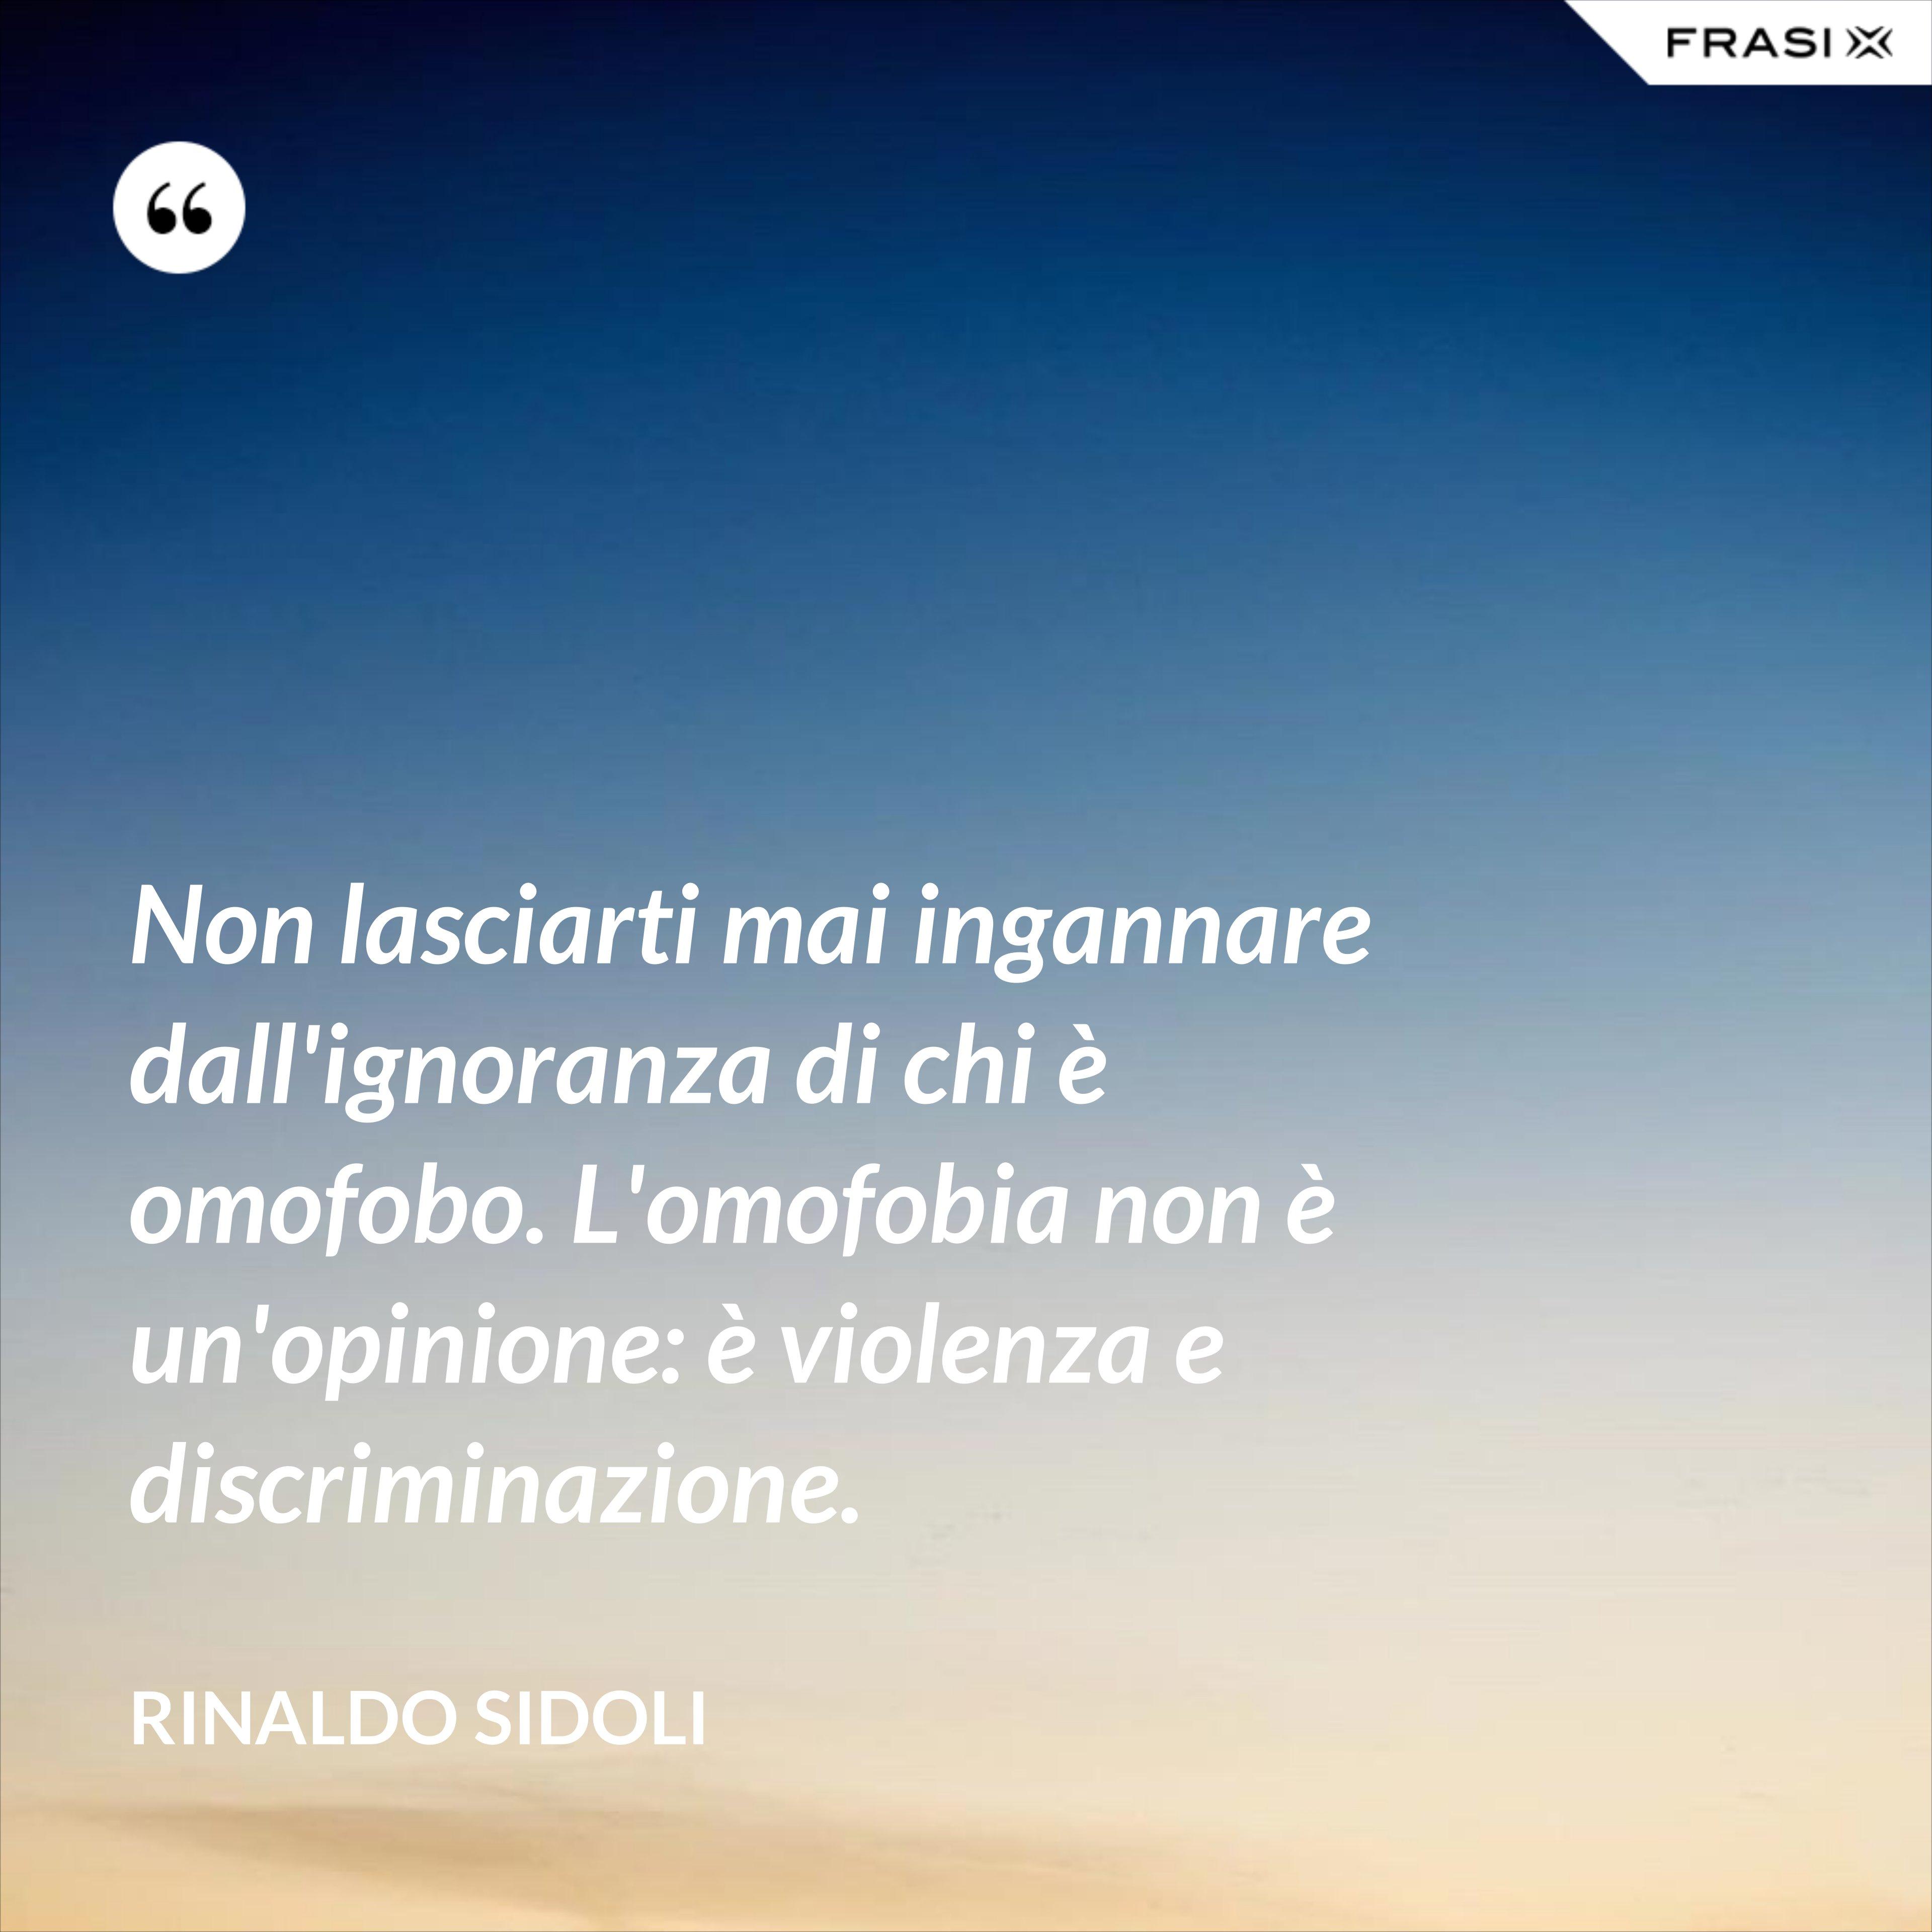 Non lasciarti mai ingannare dall'ignoranza di chi è omofobo. L'omofobia non è un'opinione: è violenza e discriminazione. - Rinaldo Sidoli